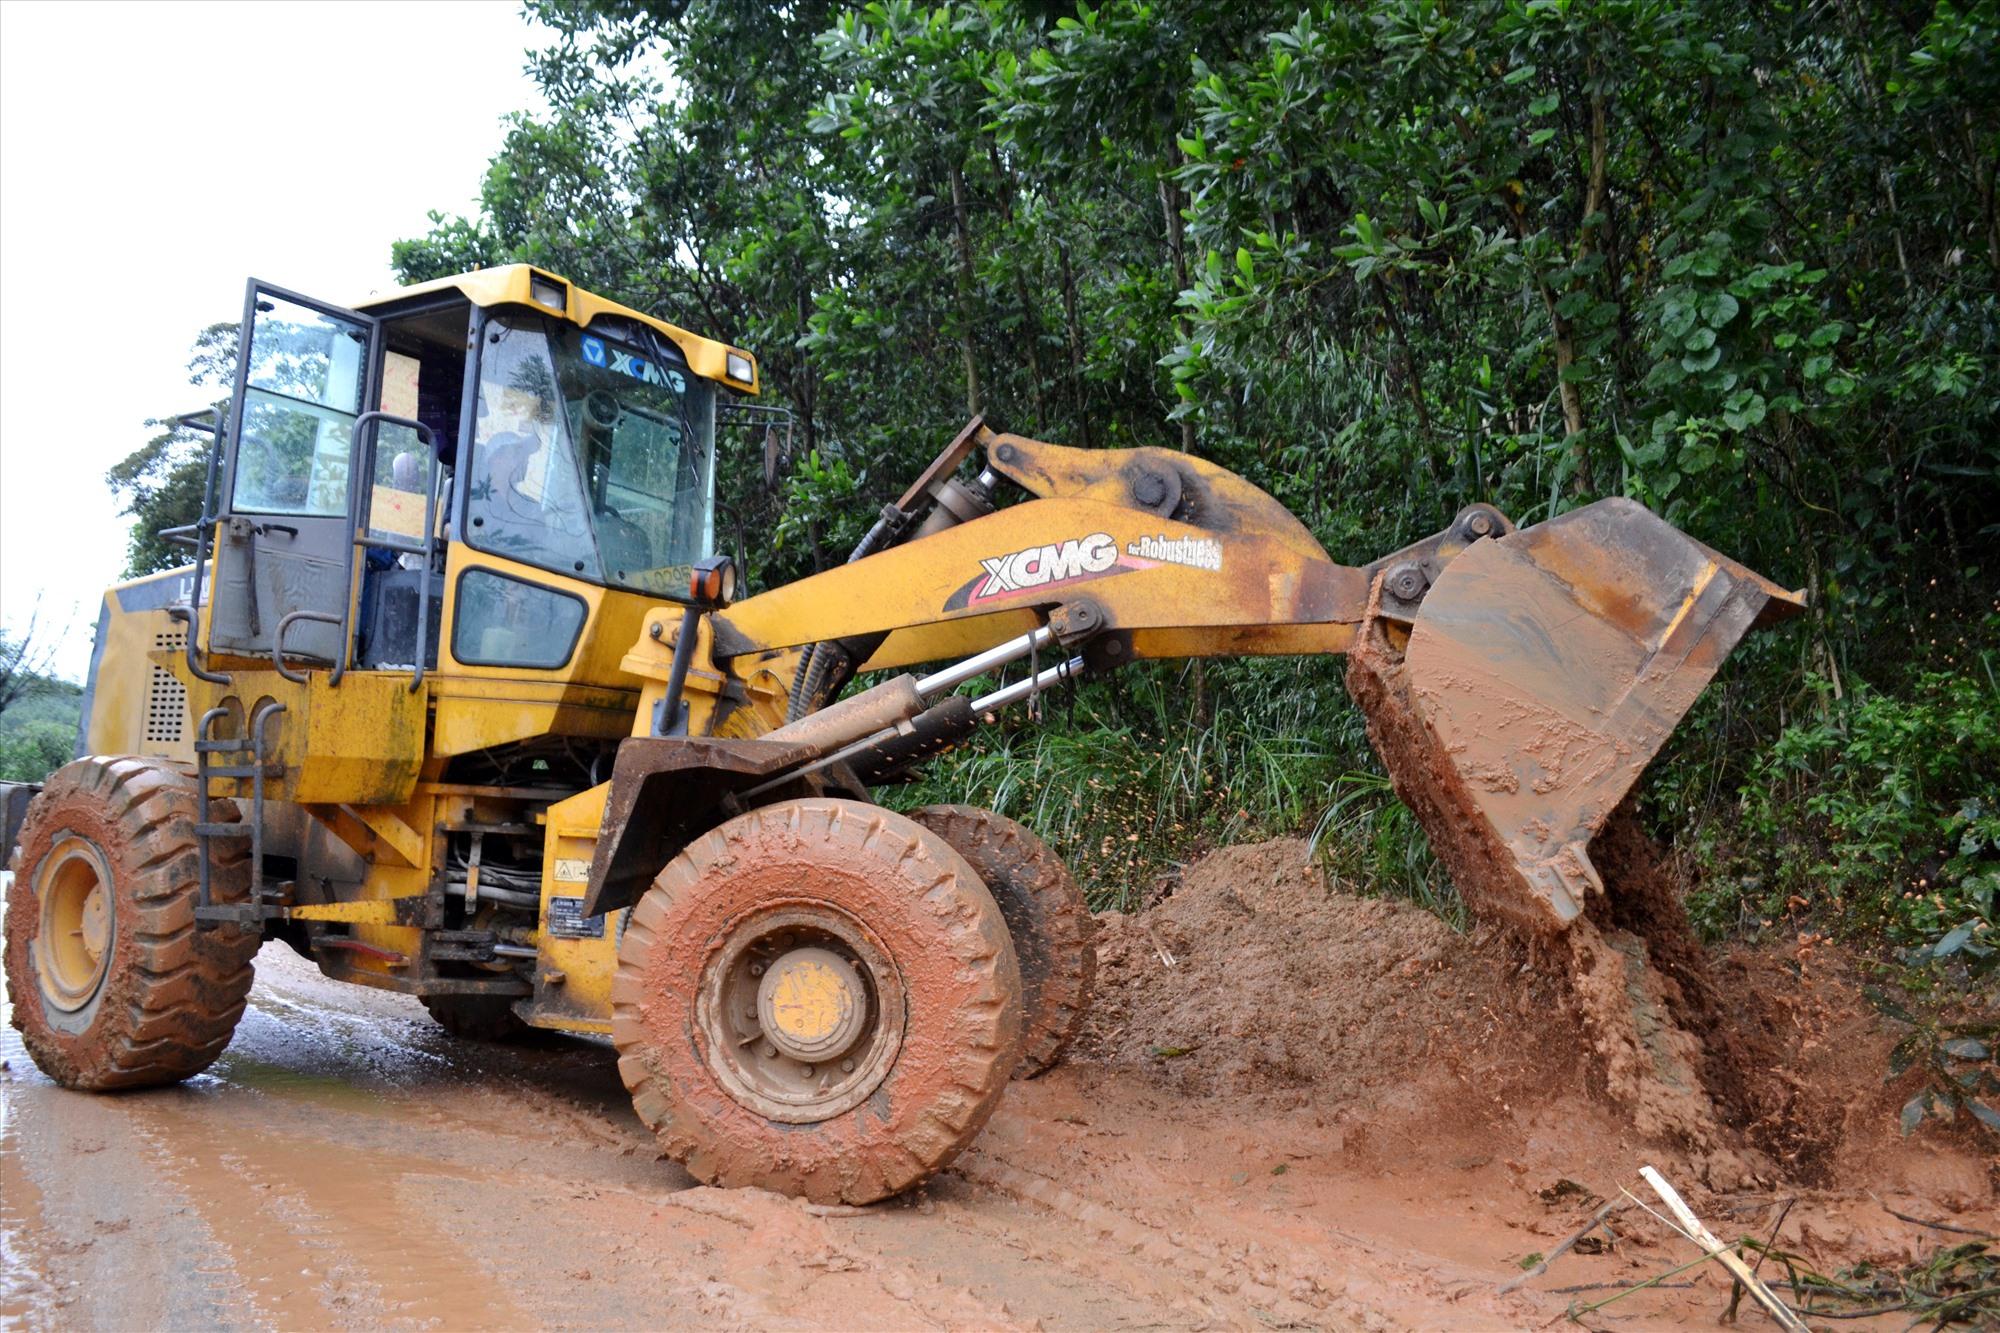 Công nhân Công ty CP Công trình GTVT Quảng Nam xúc dọn đất, đá sạt lở do mưa lũ gây tắc lưu thông trên quốc lộ 14E. Ảnh: C.T